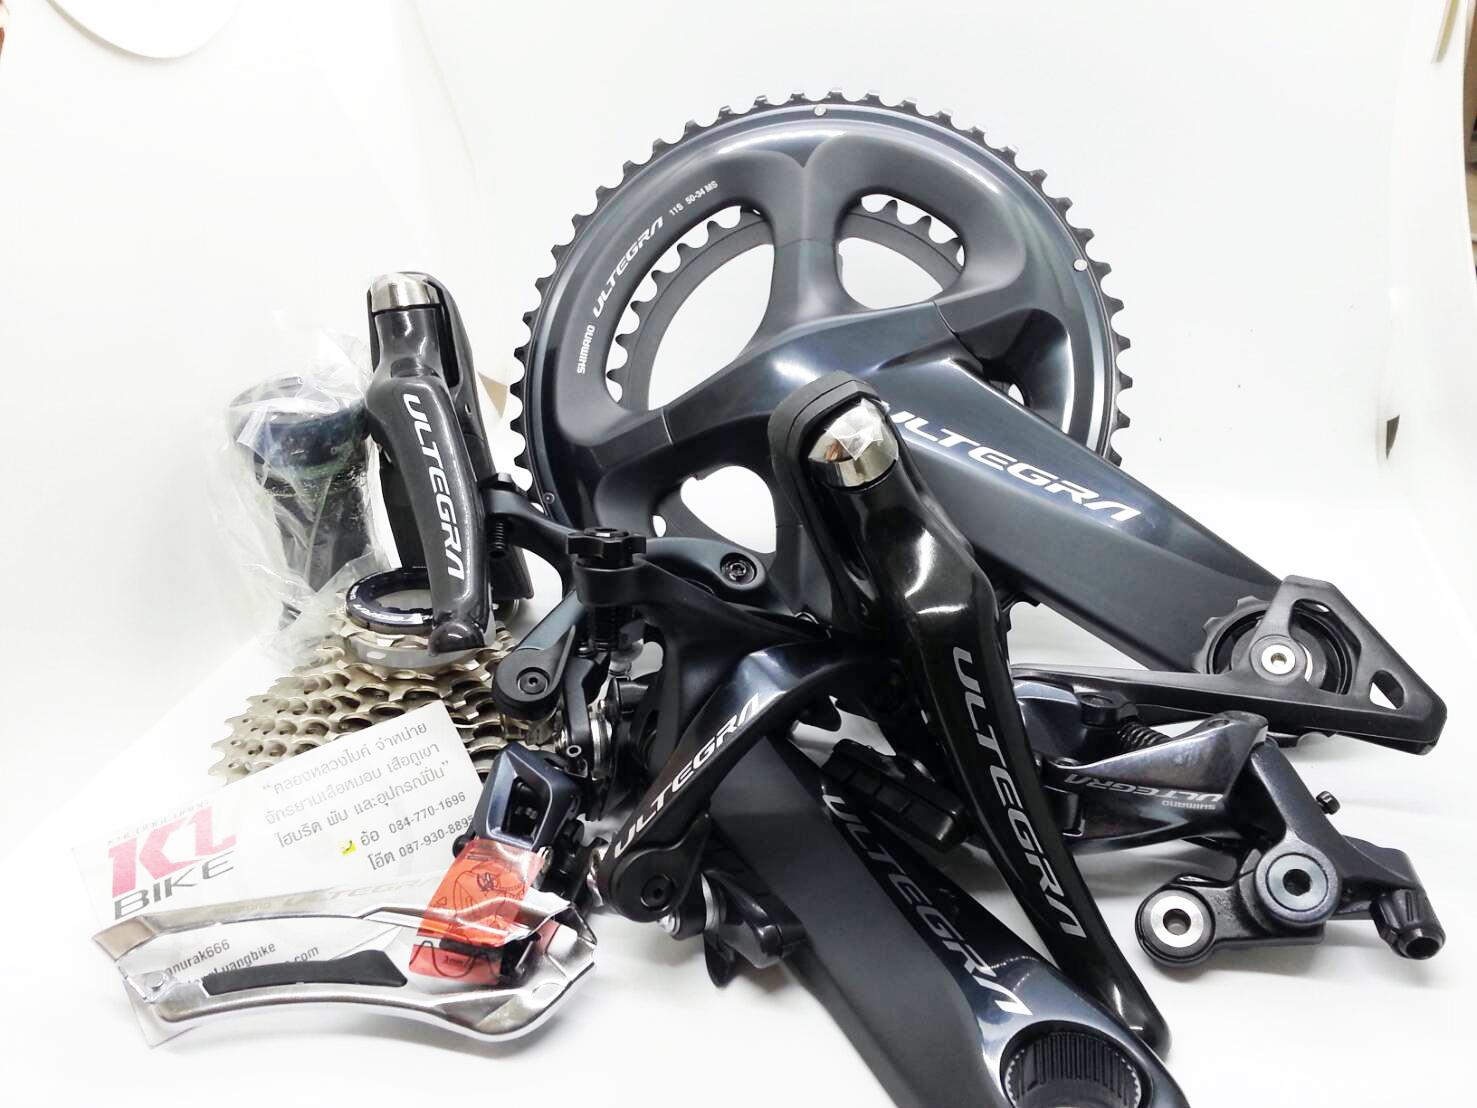 กรุ๊ปเซ็ต Shimano Ultegra 22 Speed รุ่นใหม่ R8000 จานหน้า 50 34 เฟือง 11 32